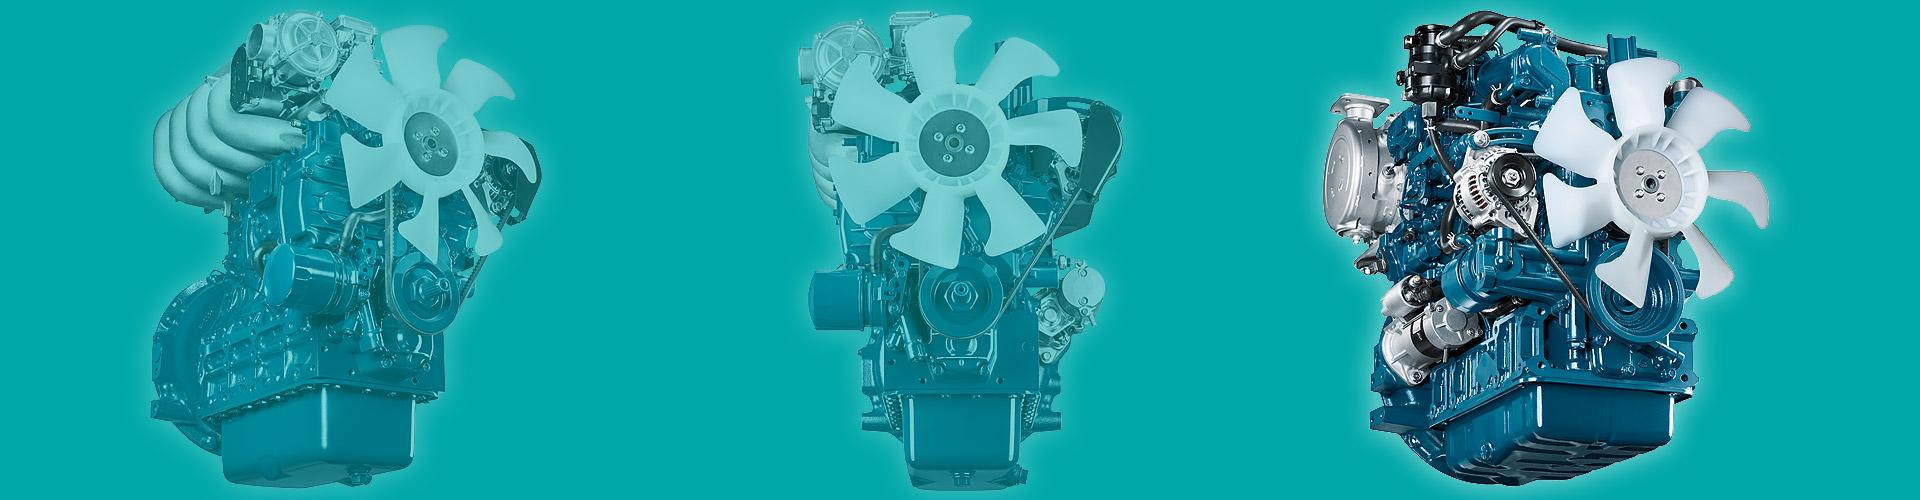 Dieselmotoren van industriële machines